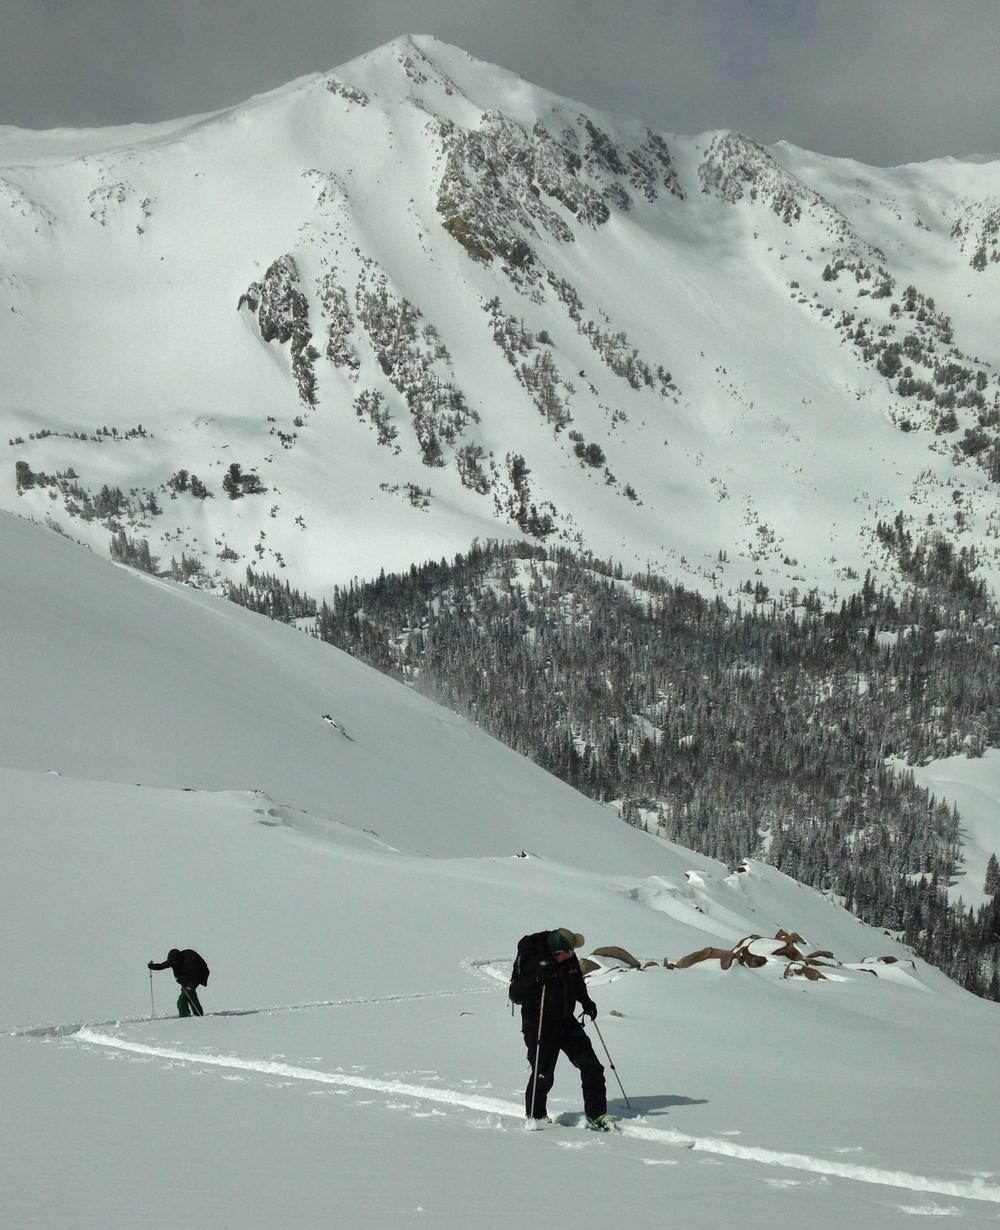 Scenic alpine ski touring.